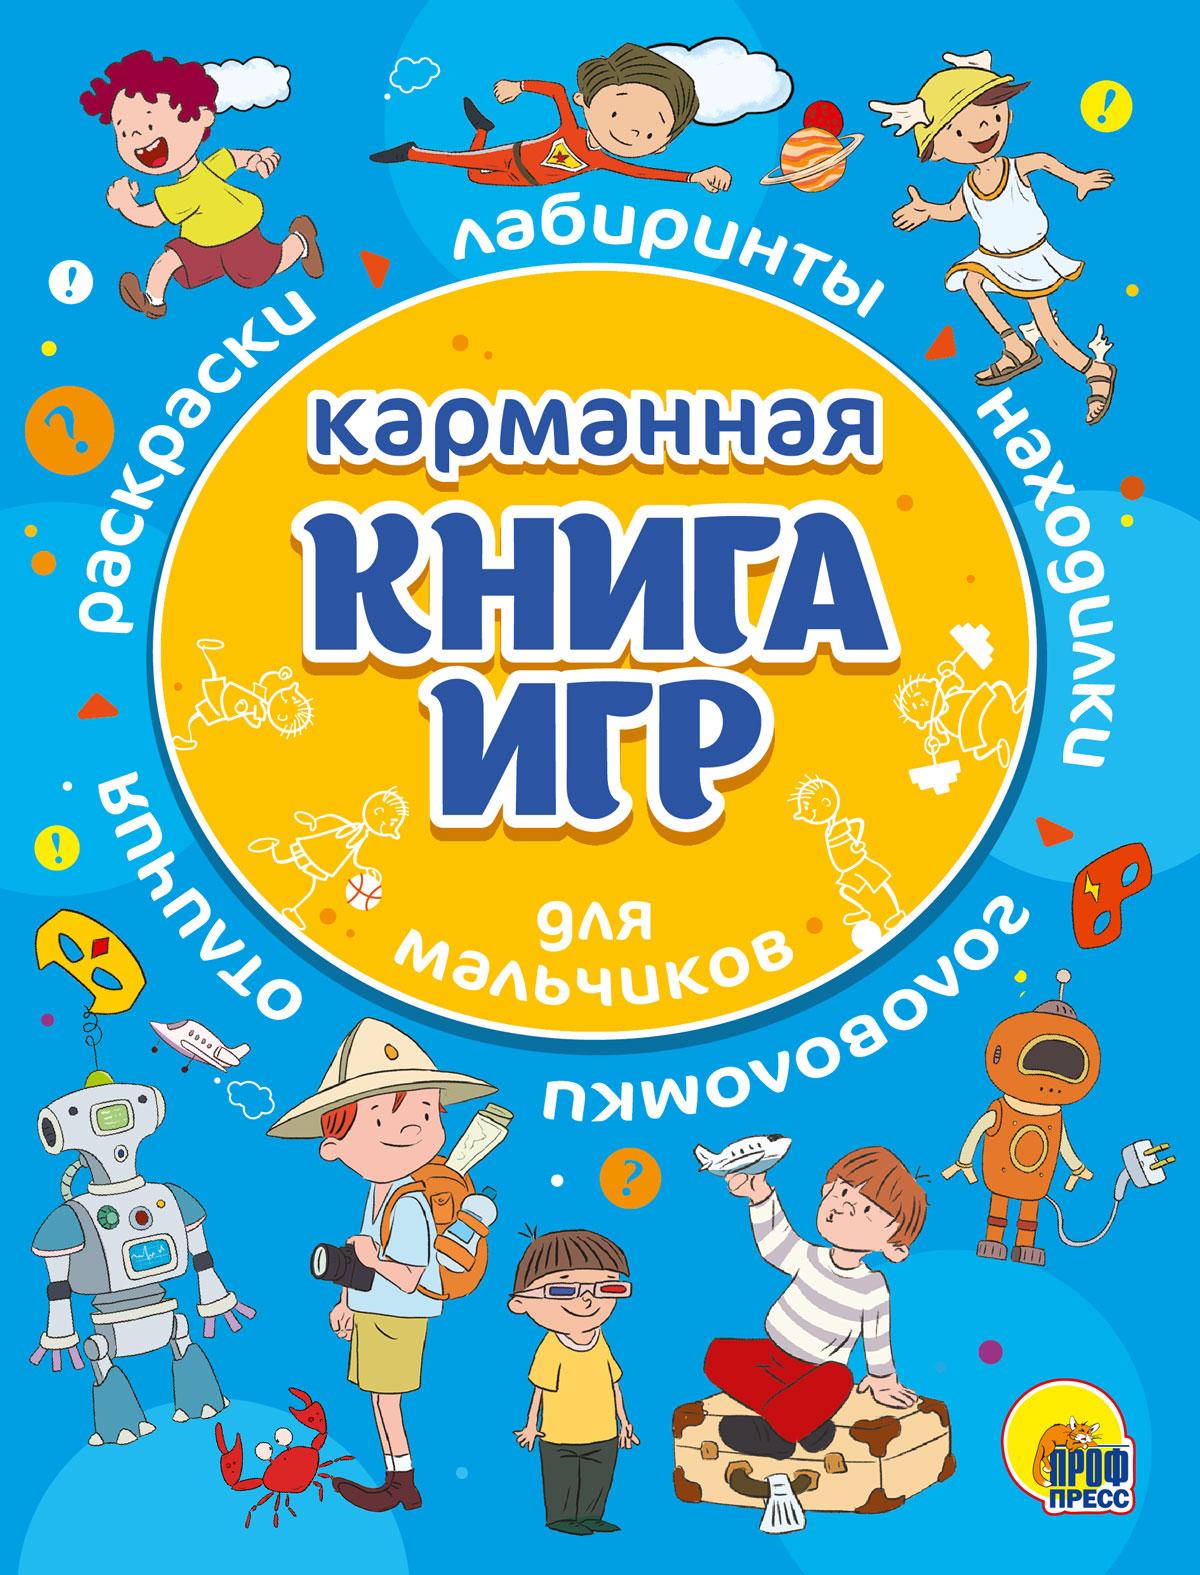 Карманная книга игр для мальчиков